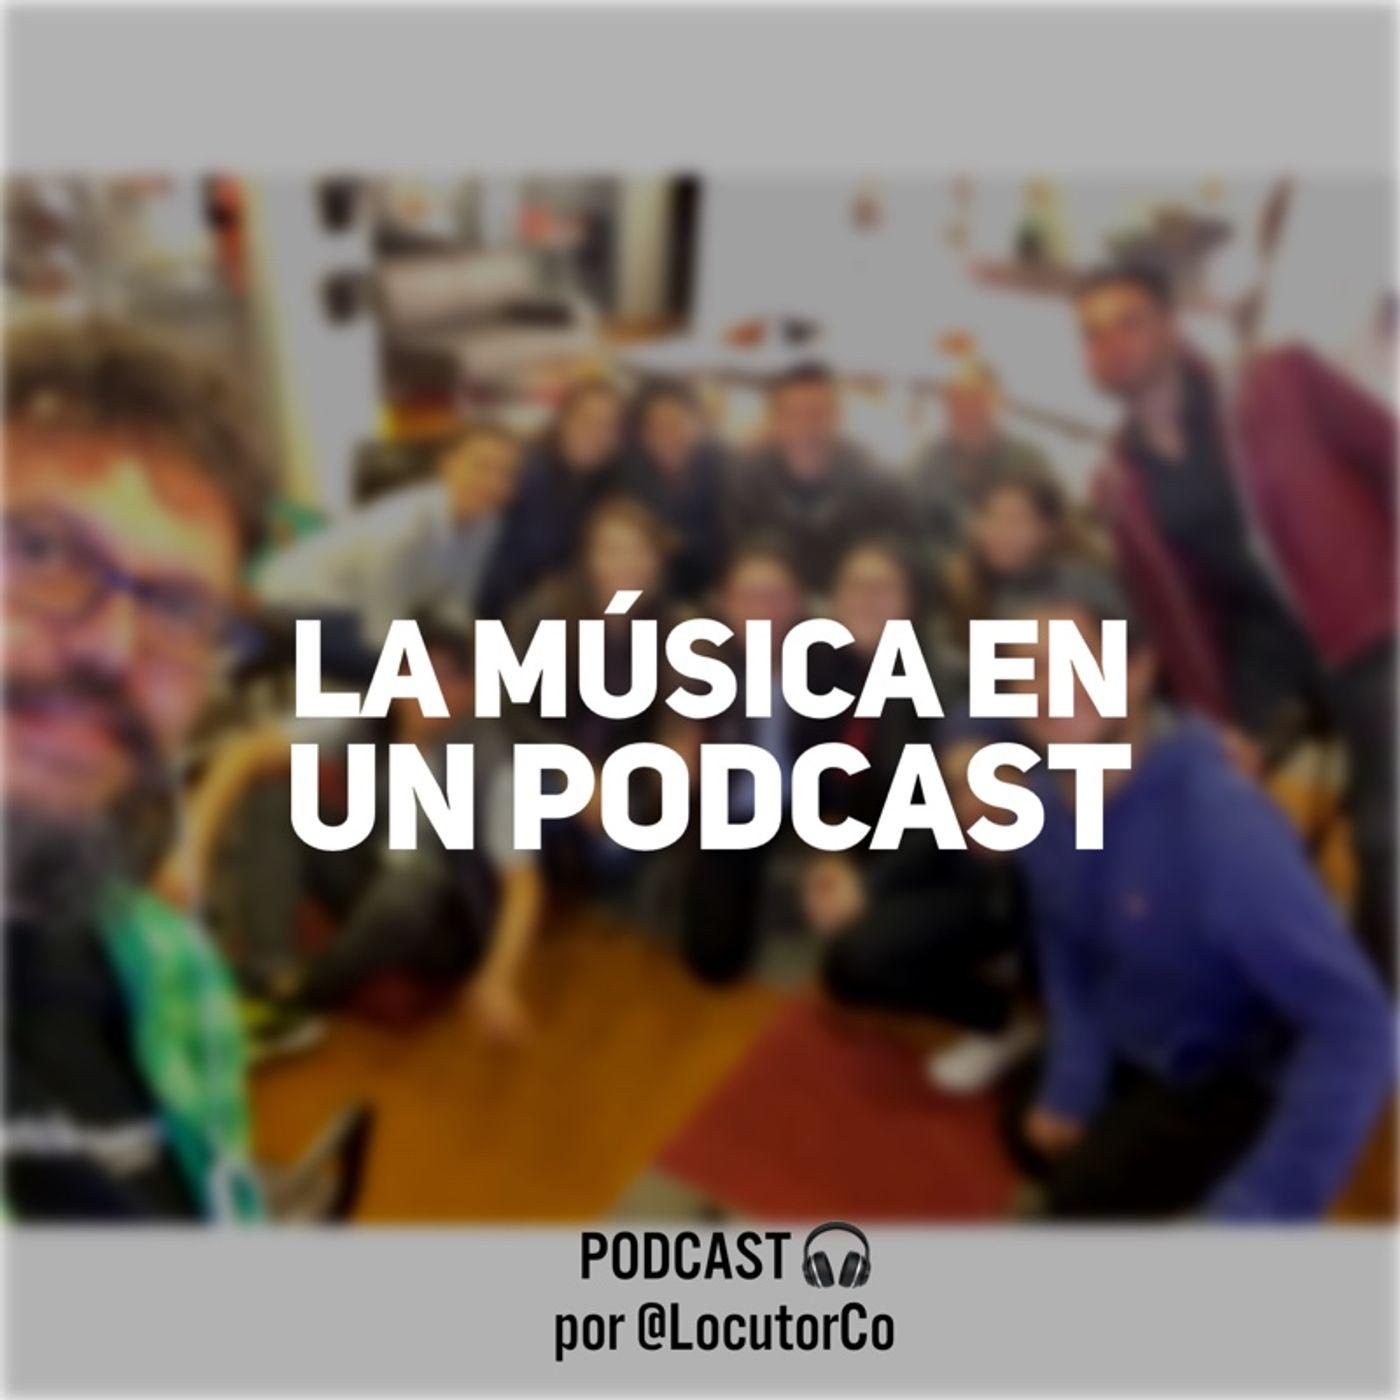 La música en un podcast